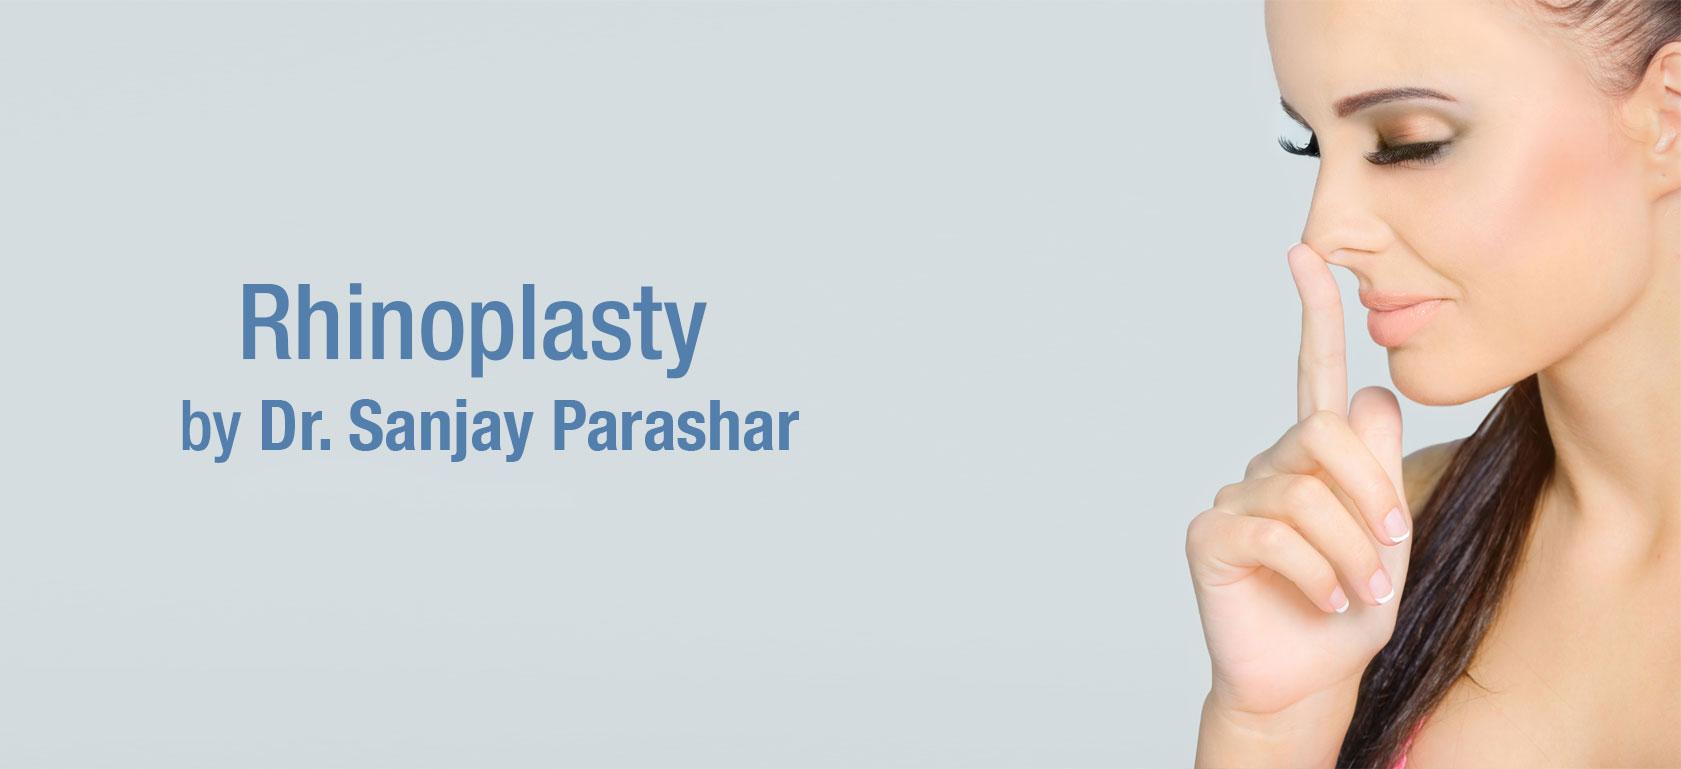 Rhinoplasty Dubai - By Dr Sanjay Parashar